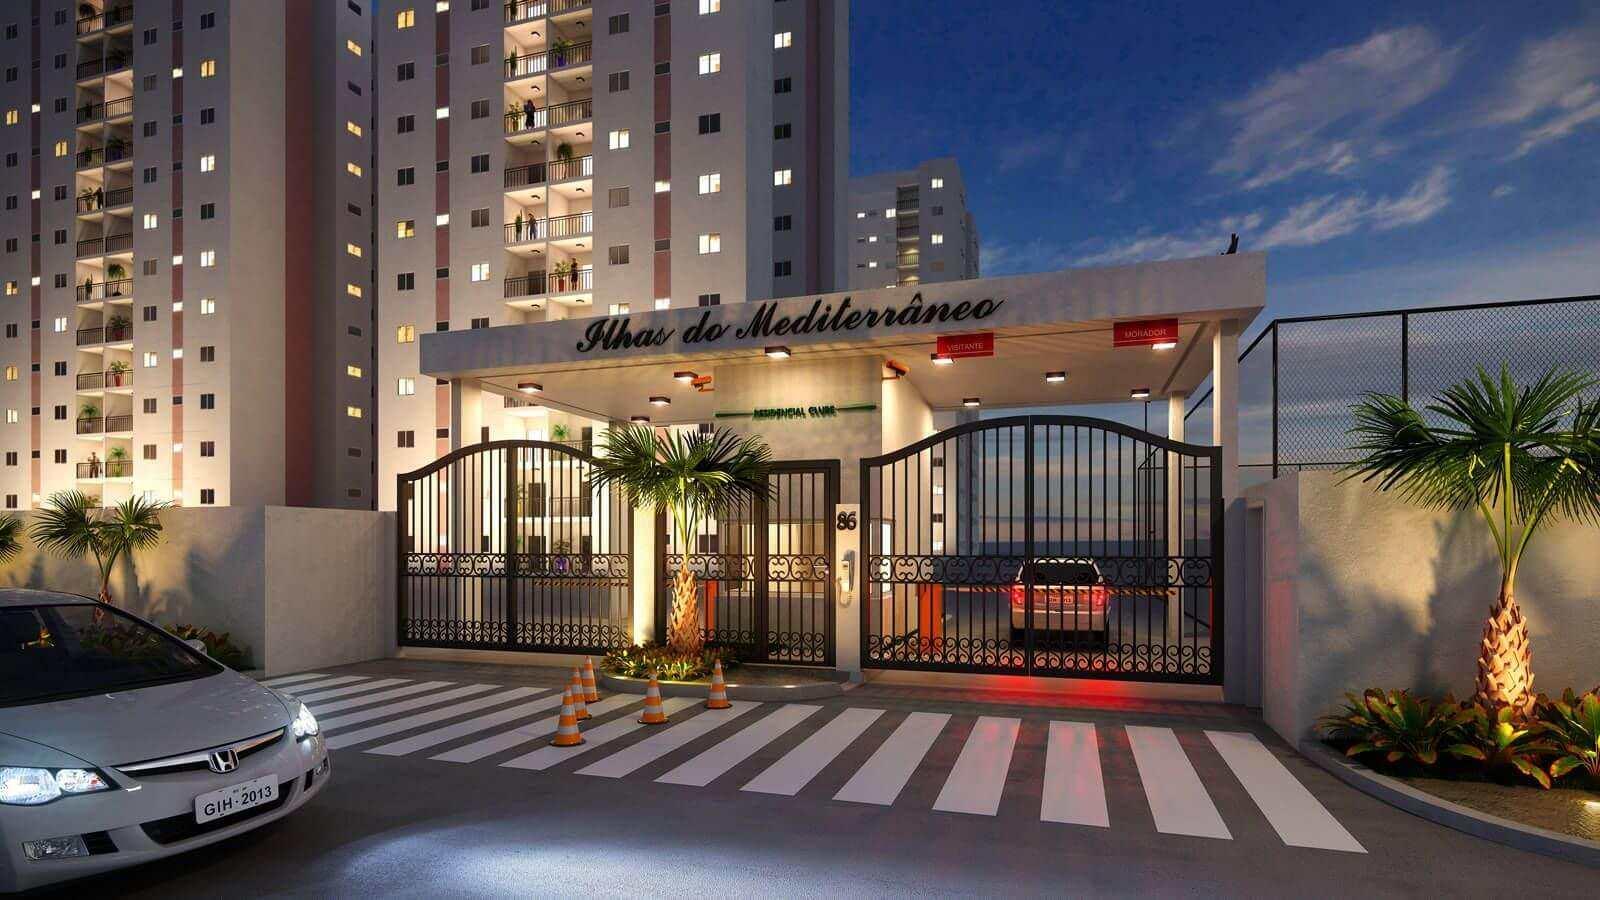 Lançamento Apartamento Ilha do Mediterrâneo Itu/SP